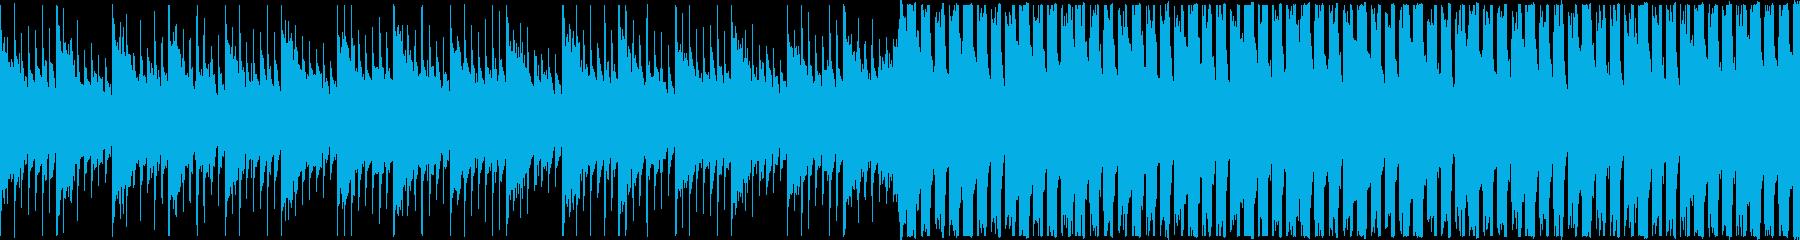 爽やか・可愛い・神秘的/企業VP系03rの再生済みの波形